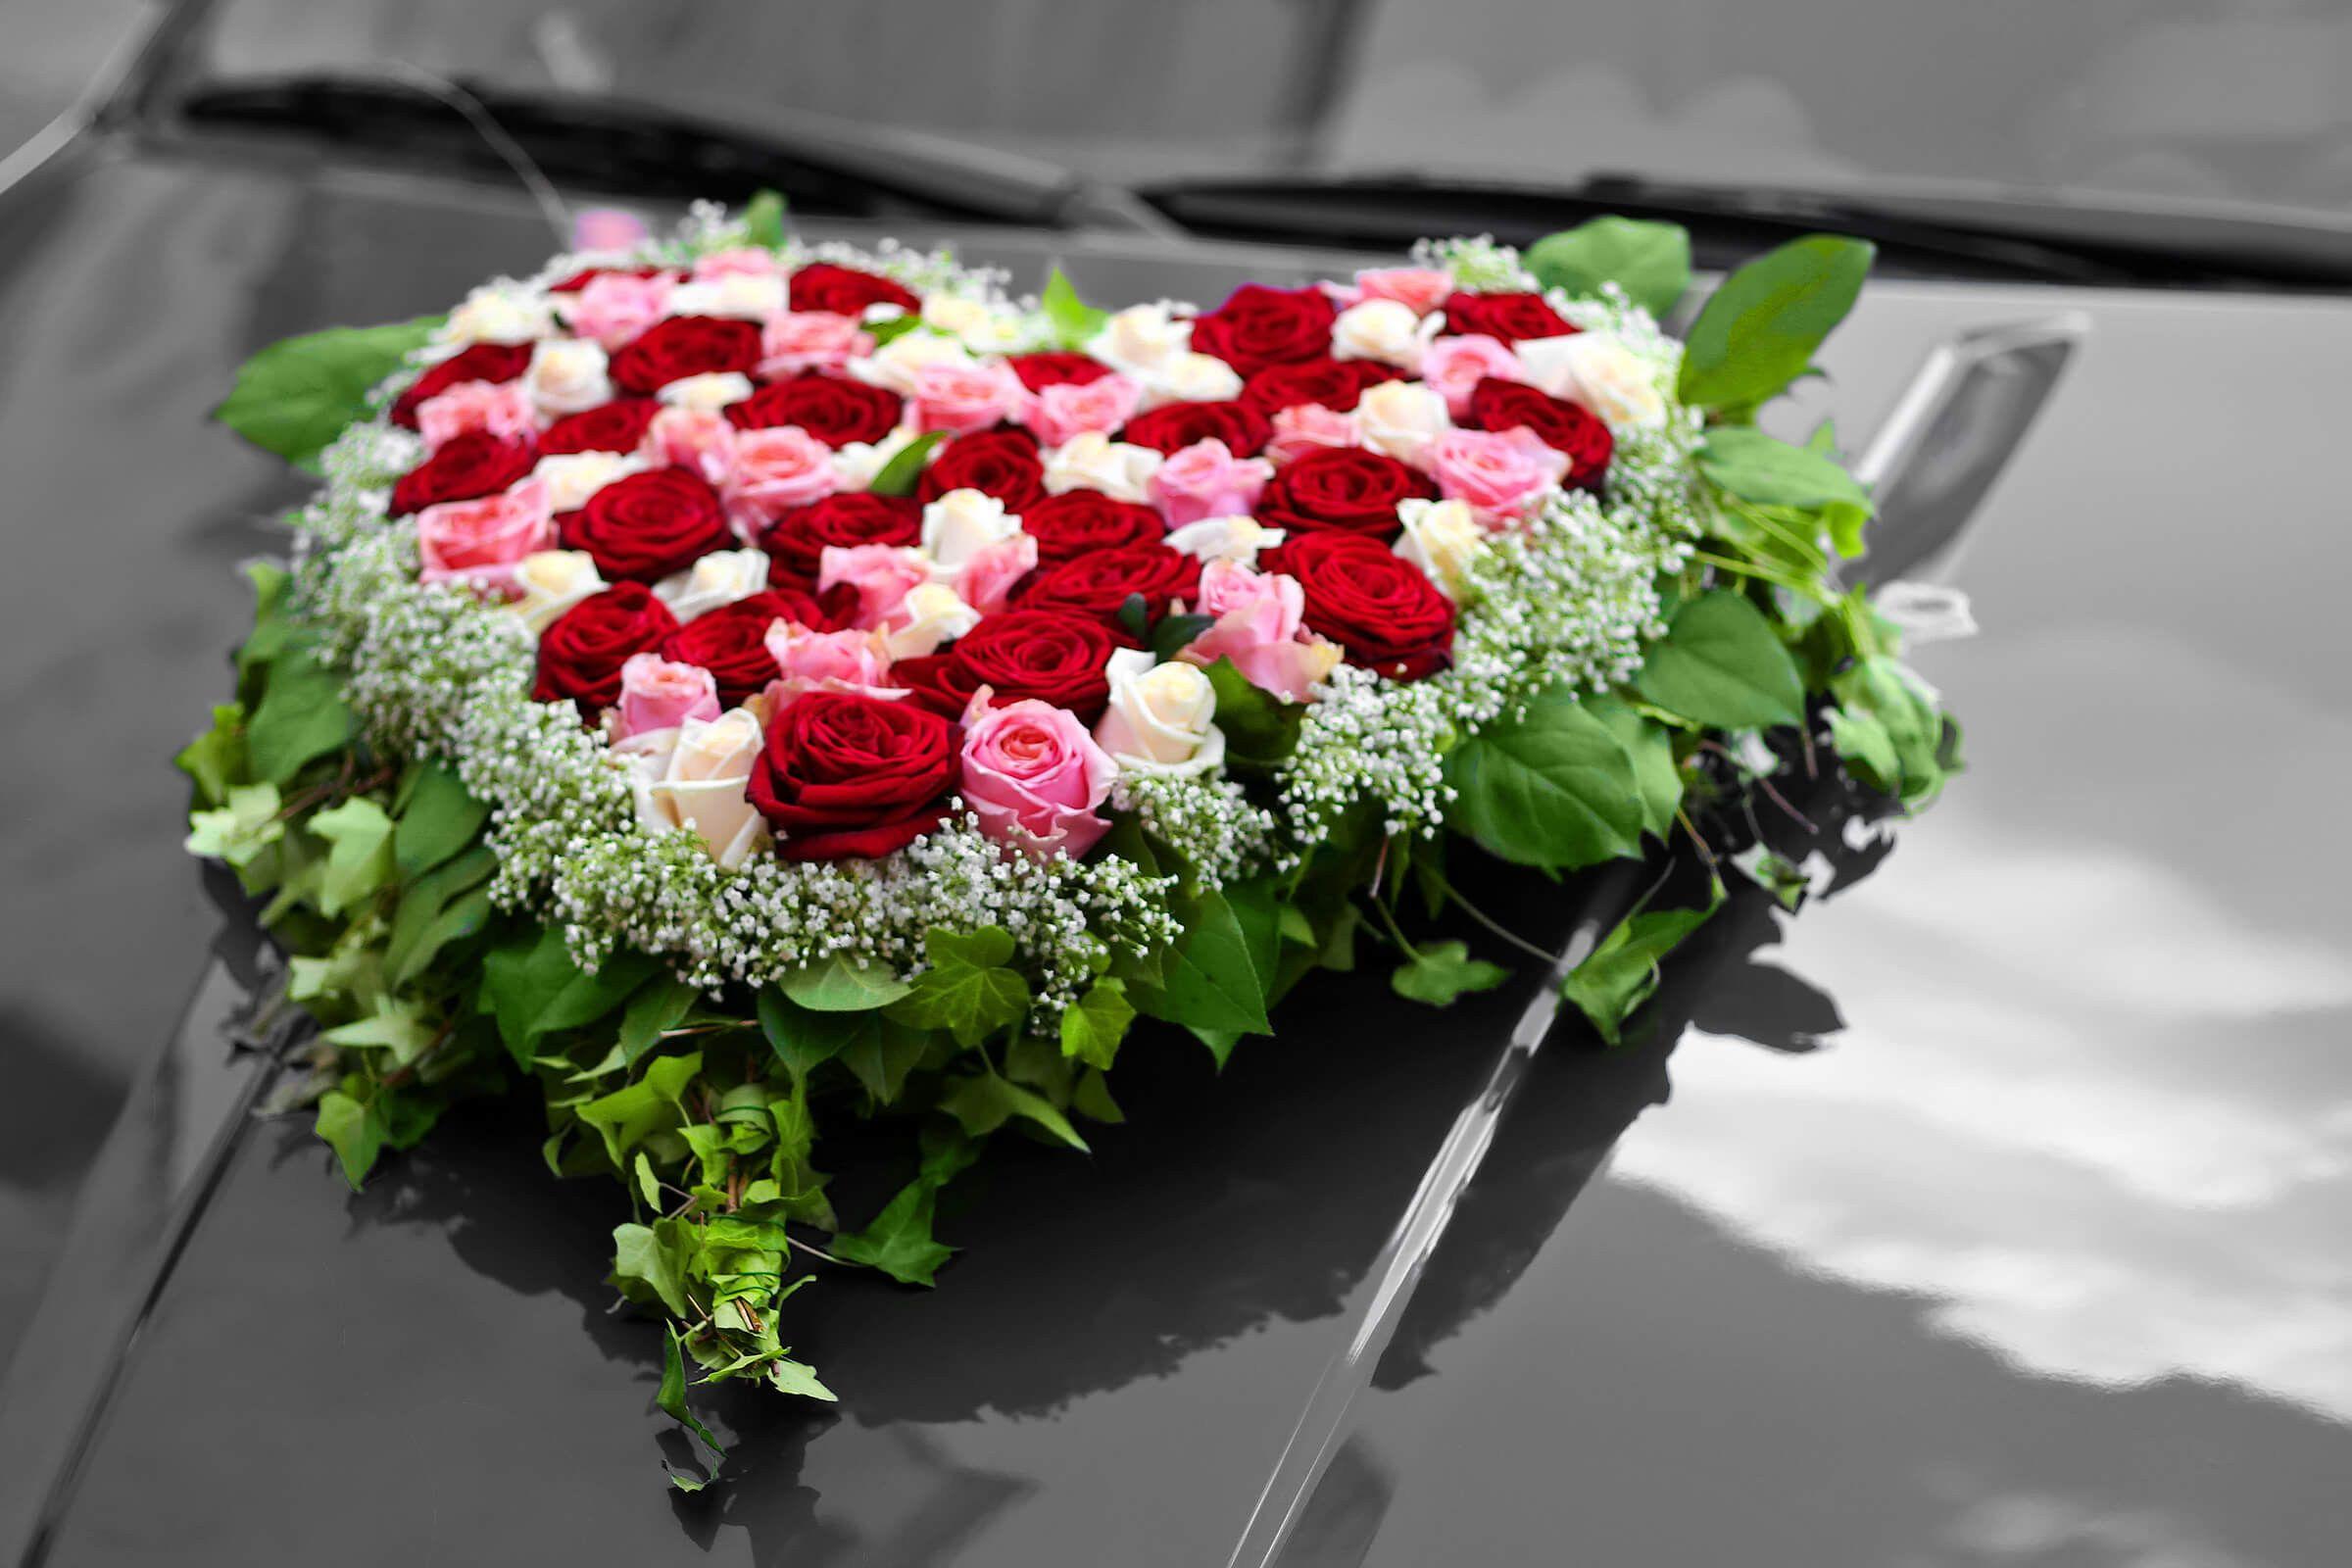 Kosten Blumenschmuck Hochzeit Inspirational Blumendeko Auto Hochzeit Preis Blumen Dekoration Idee Autoschmuck Hochzeit Autodeko Hochzeit Blumenschmuck Hochzeit